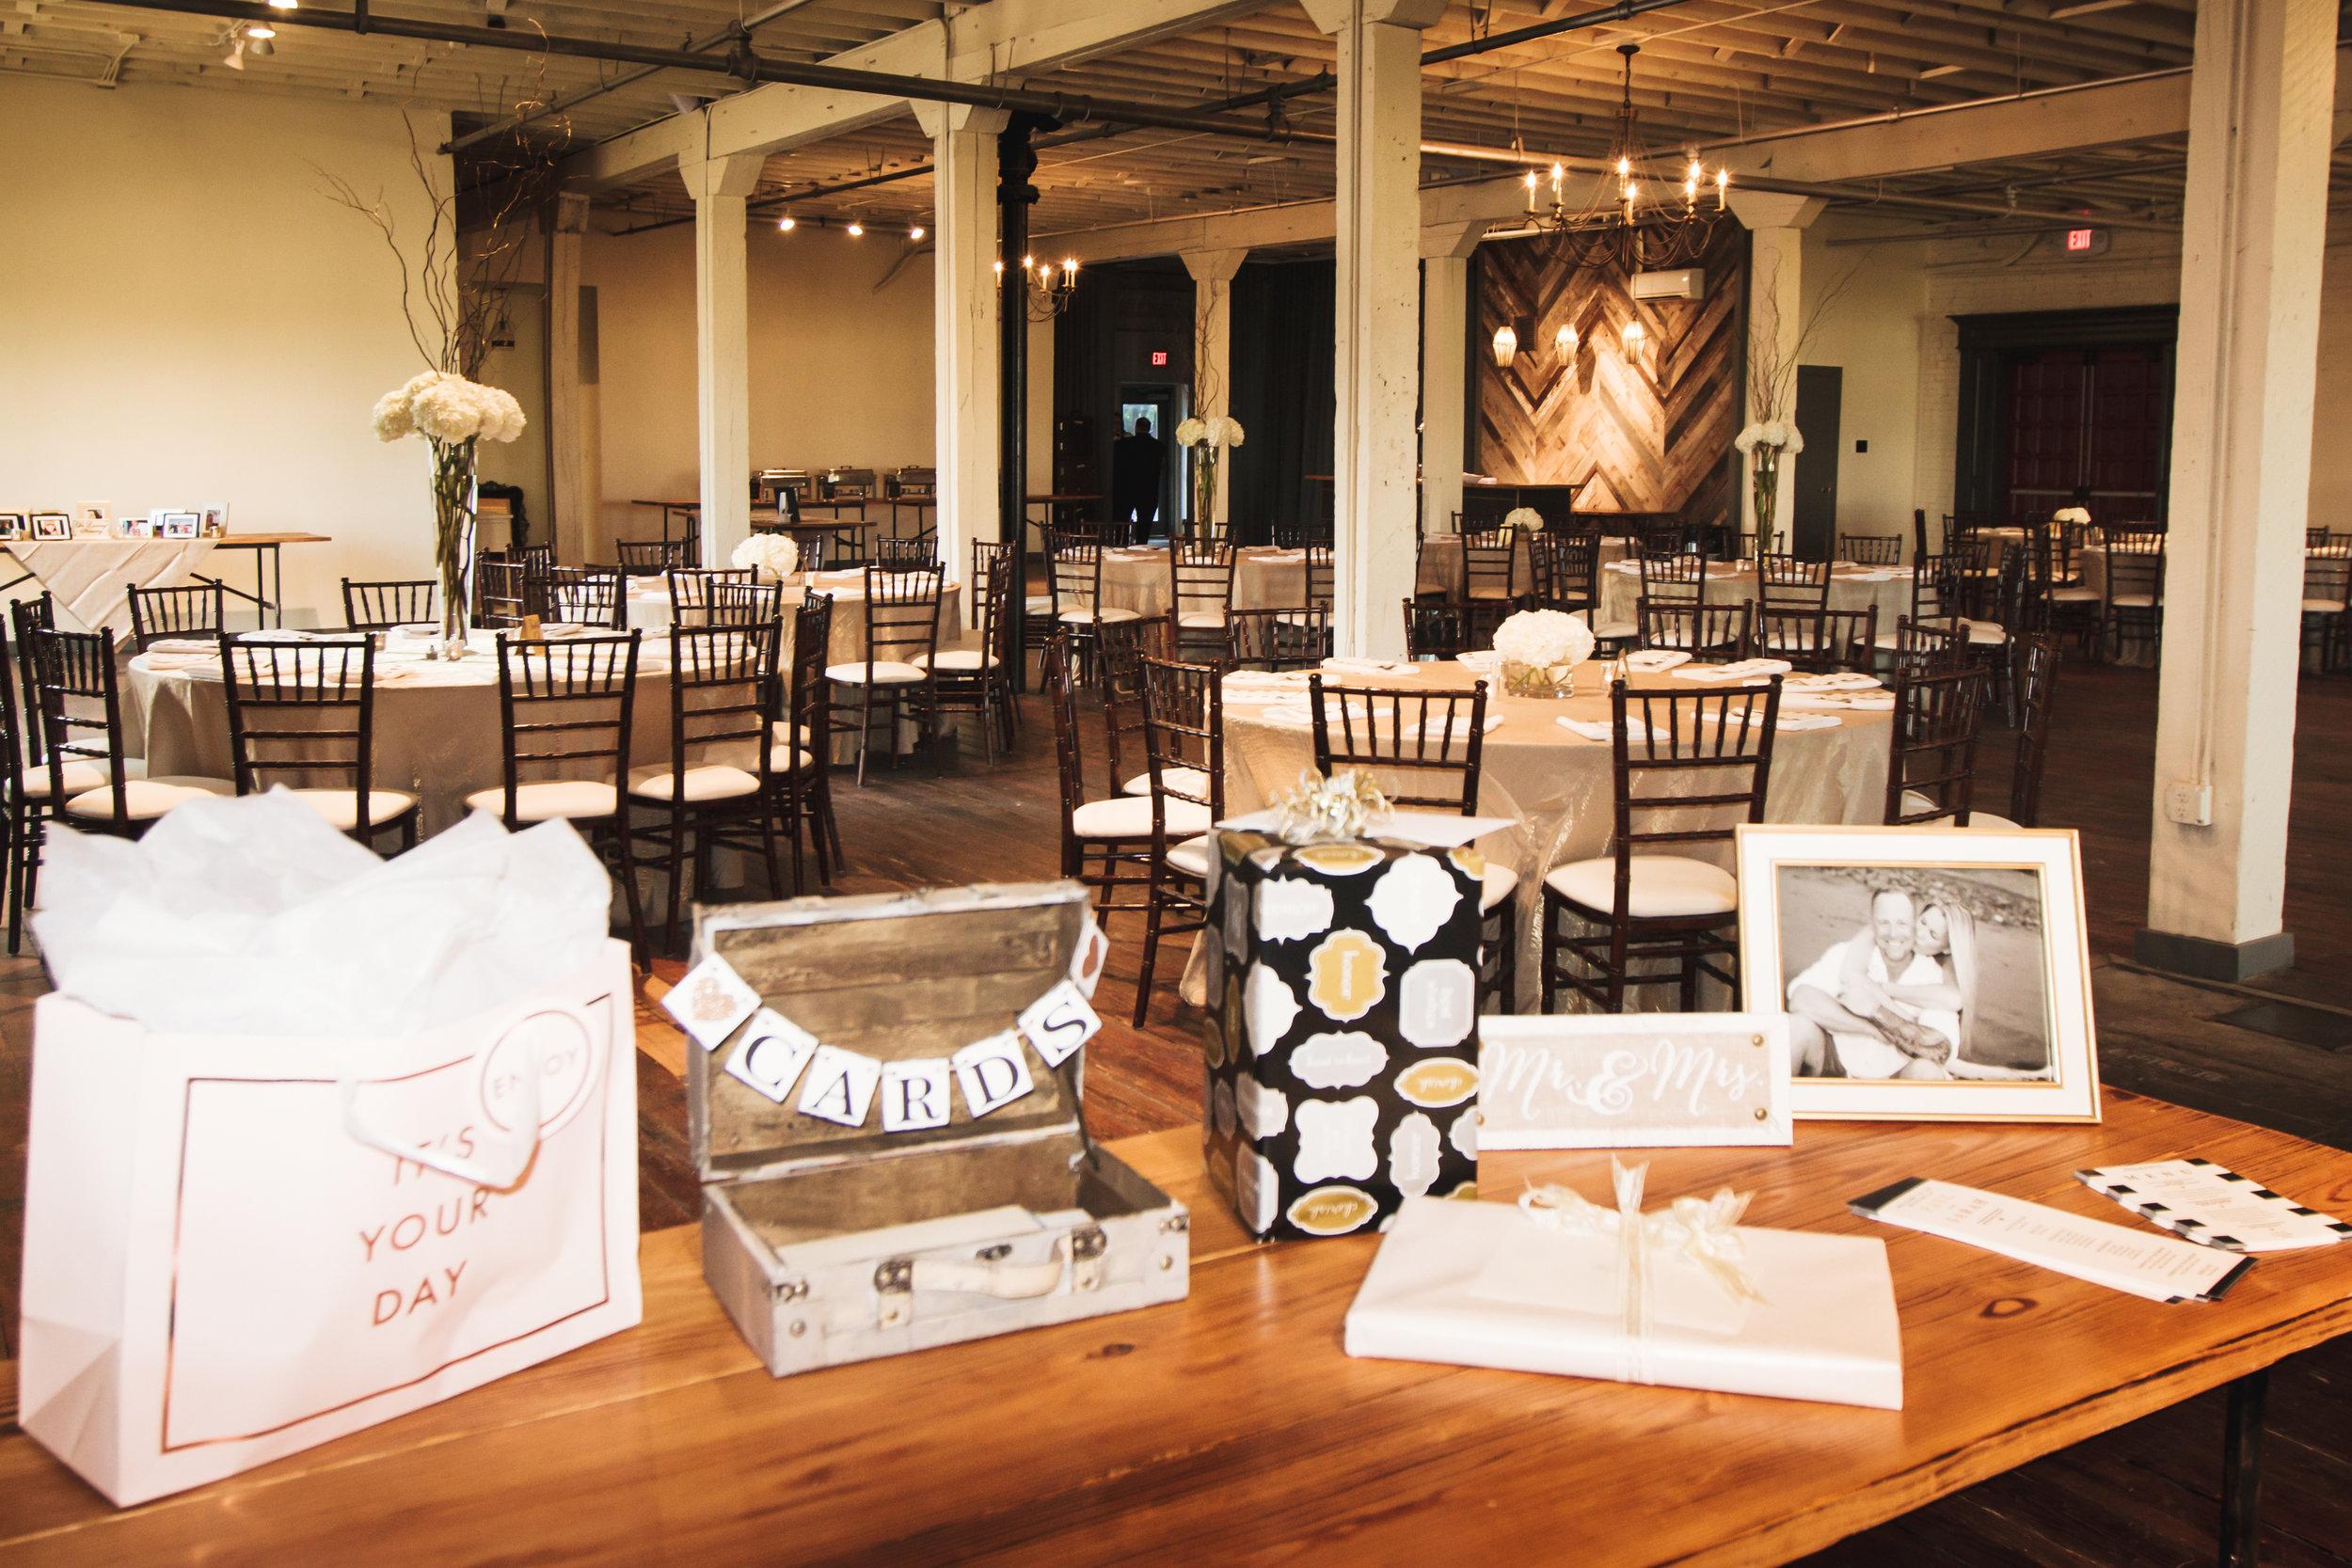 Brik_Wedding_venue_Photos.jpg